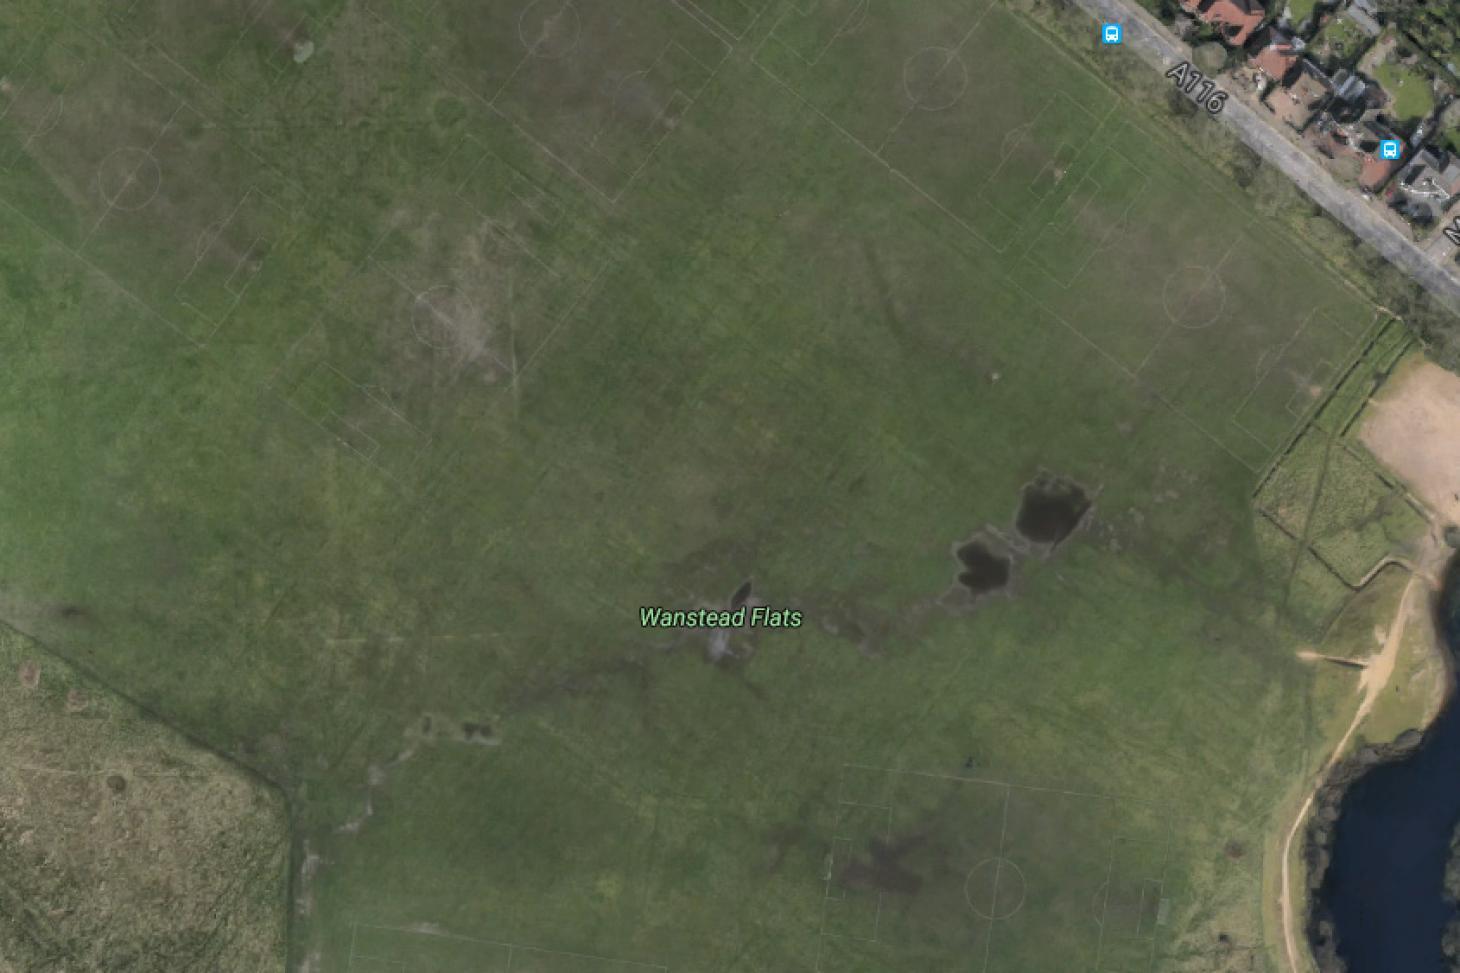 Wanstead Flats Playing Fields (Aldersbrook Road) 11 a side | Grass football pitch